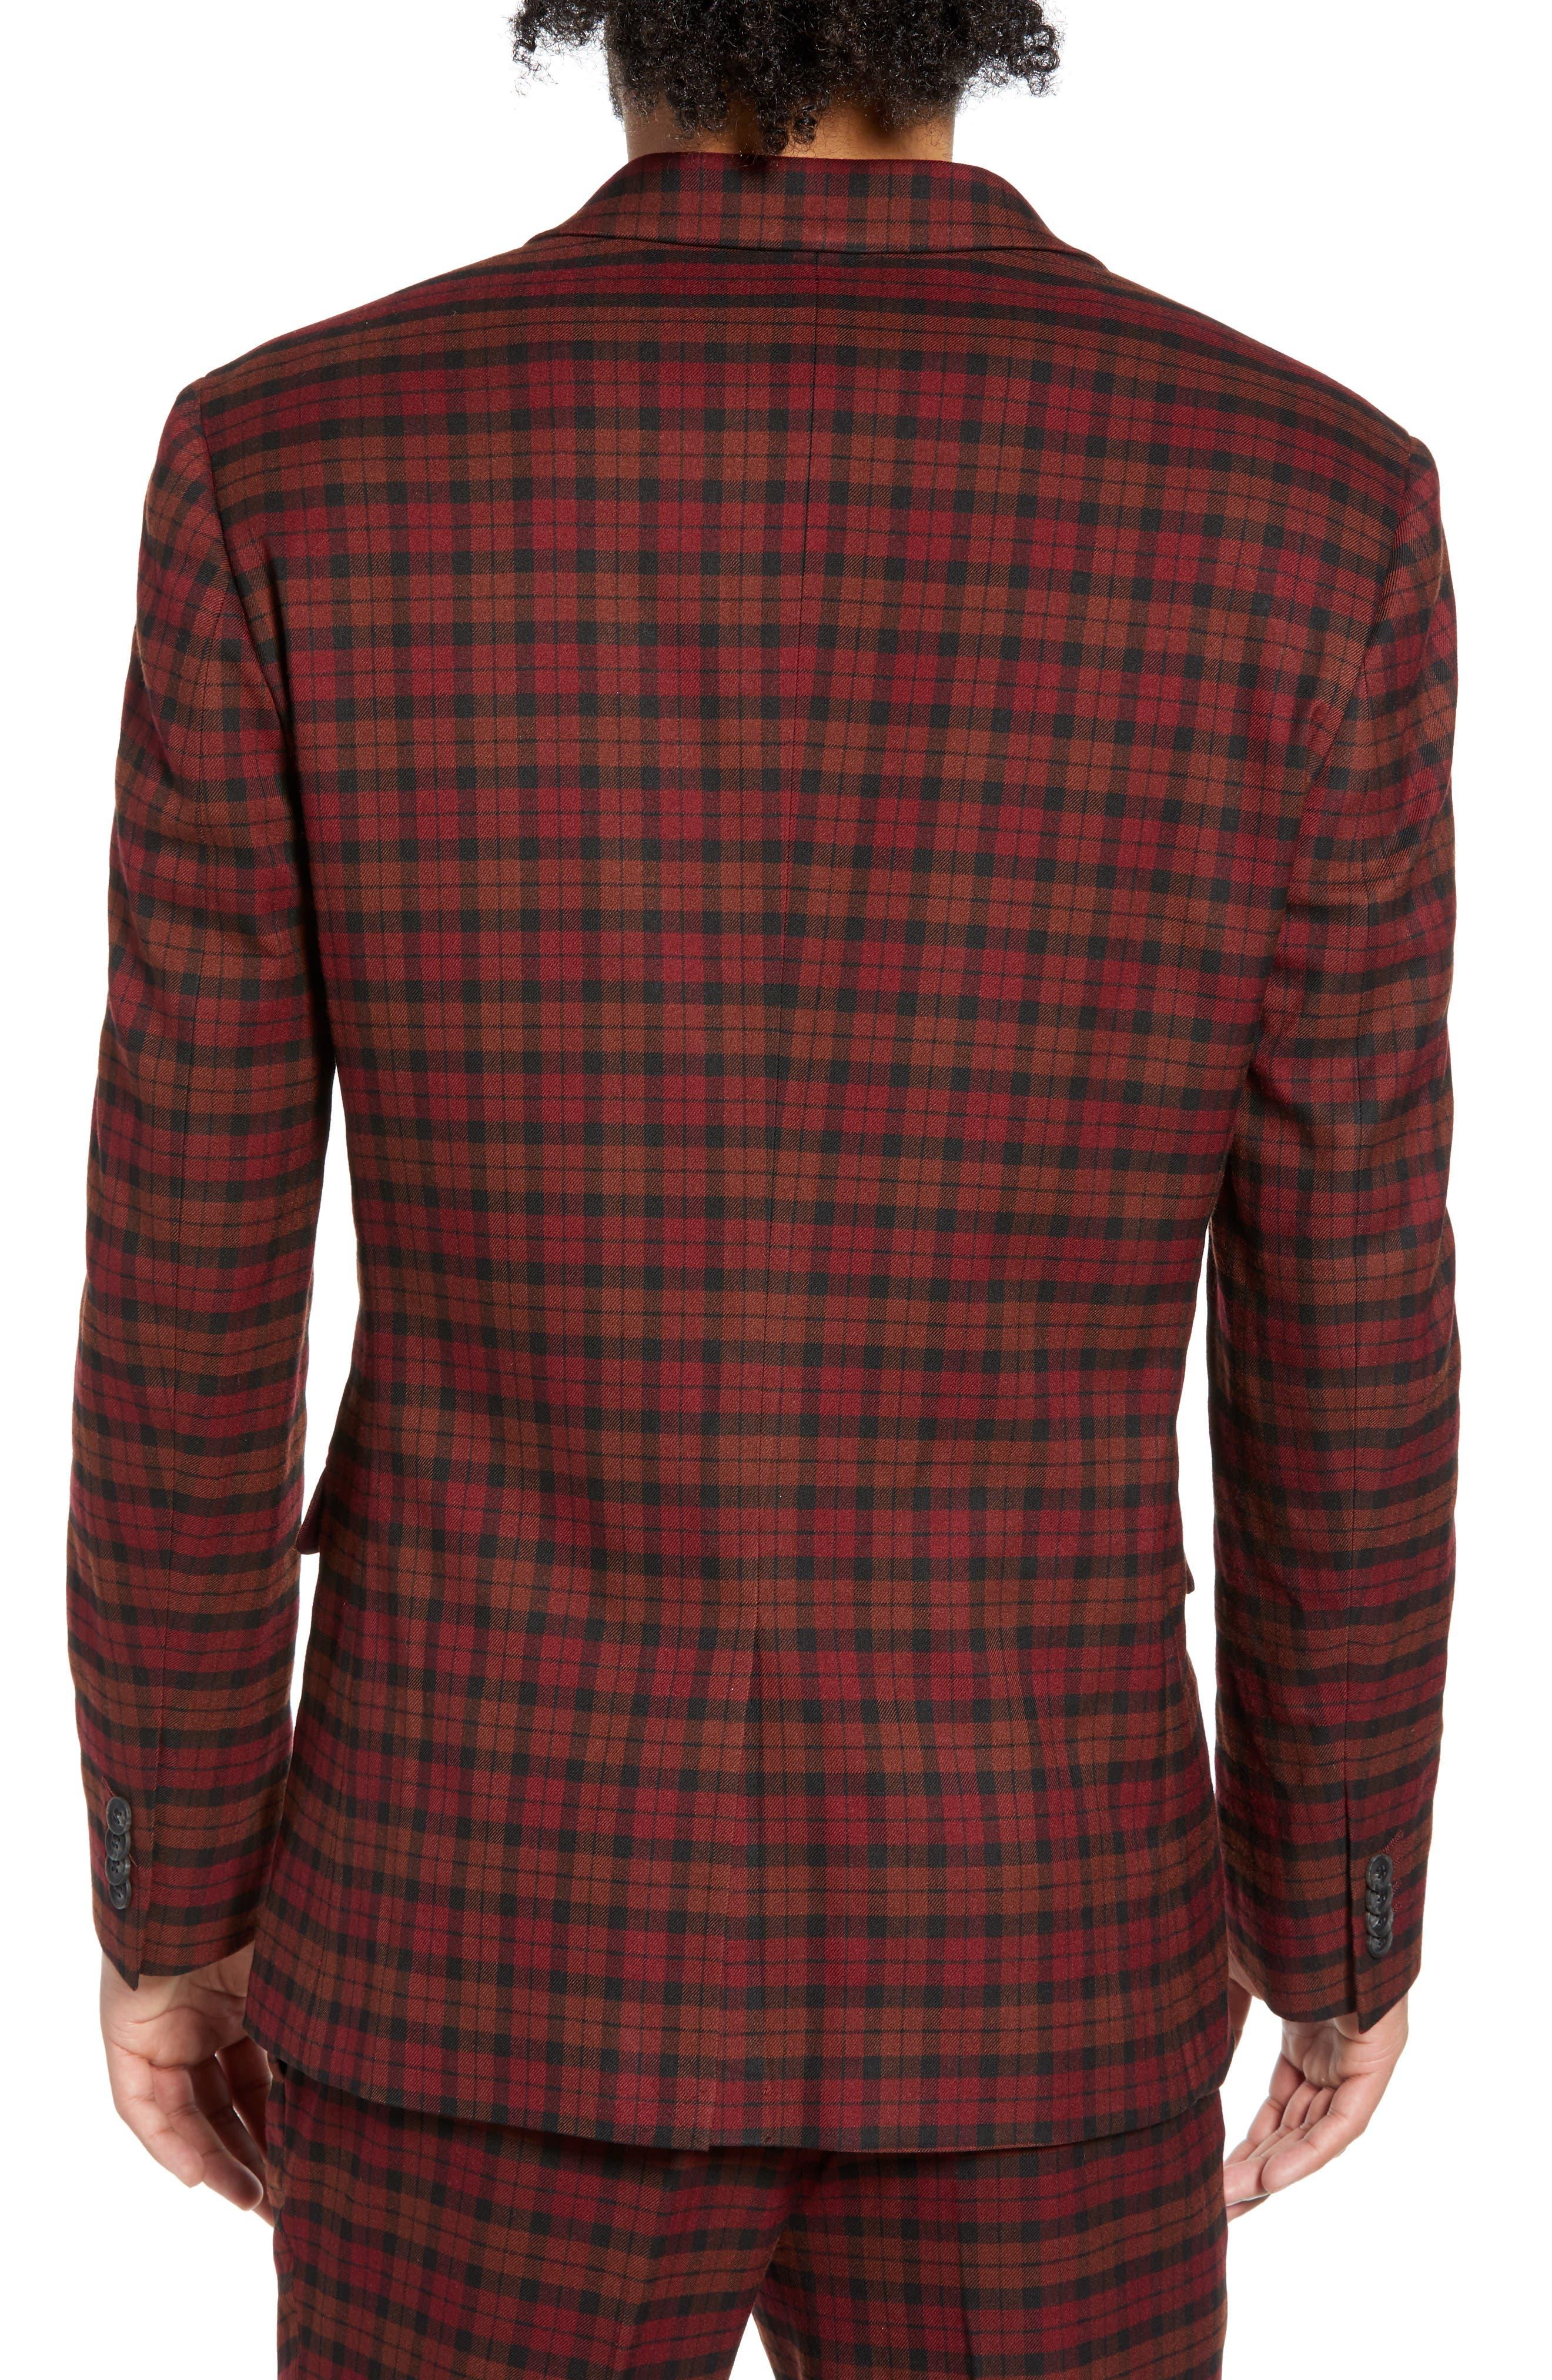 TOPMAN, Thorn Slim Fit Suit Jacket, Alternate thumbnail 2, color, 600